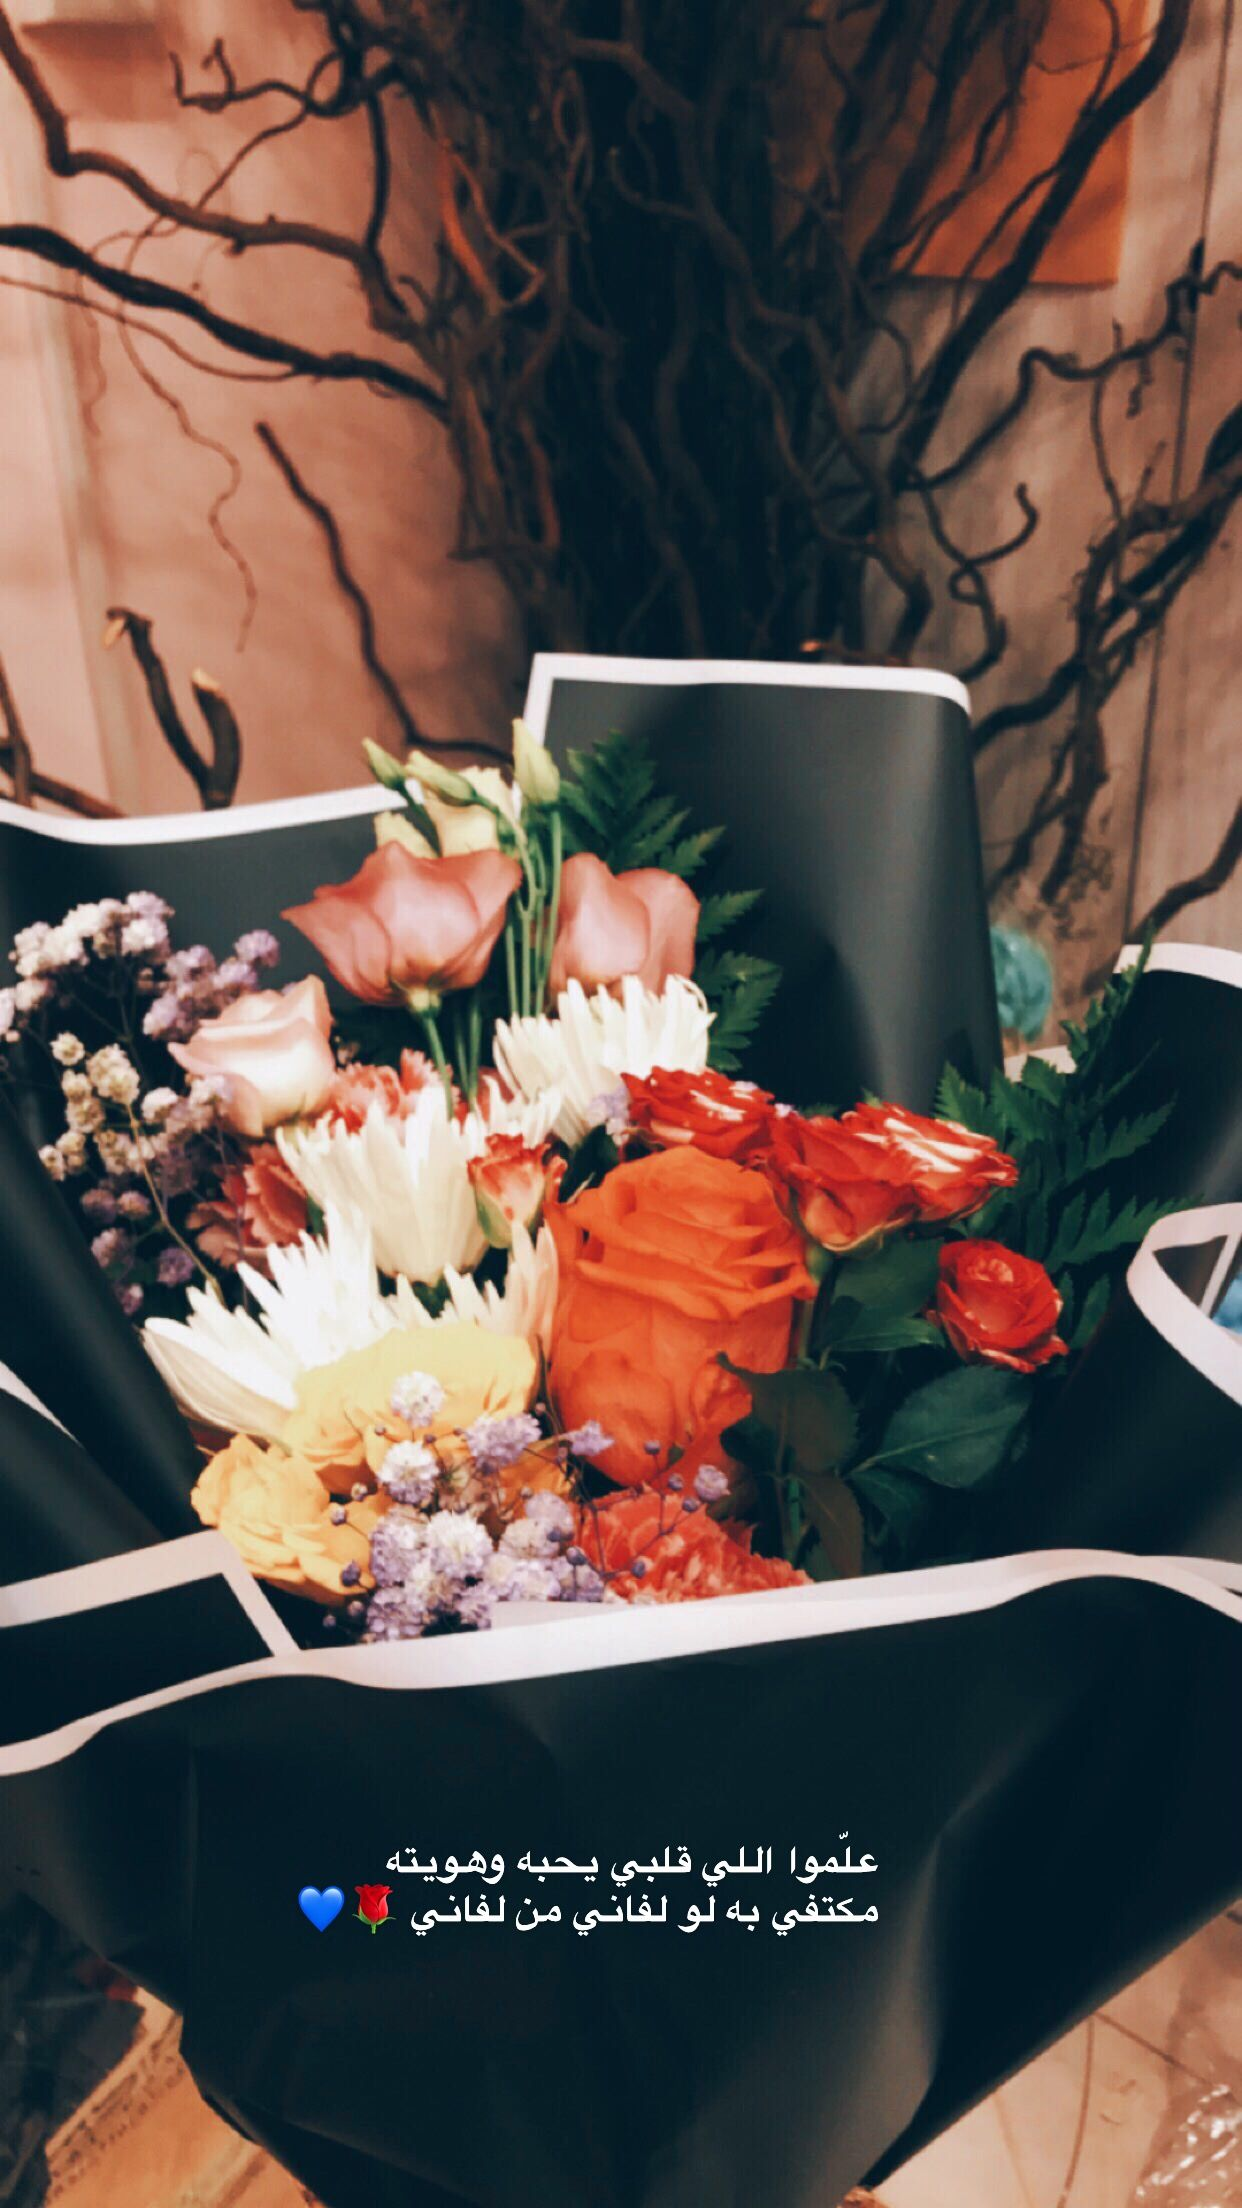 رمزيات Wallpaper Iphone Love Love Quotes Photos Wallpaper Iphone Christmas